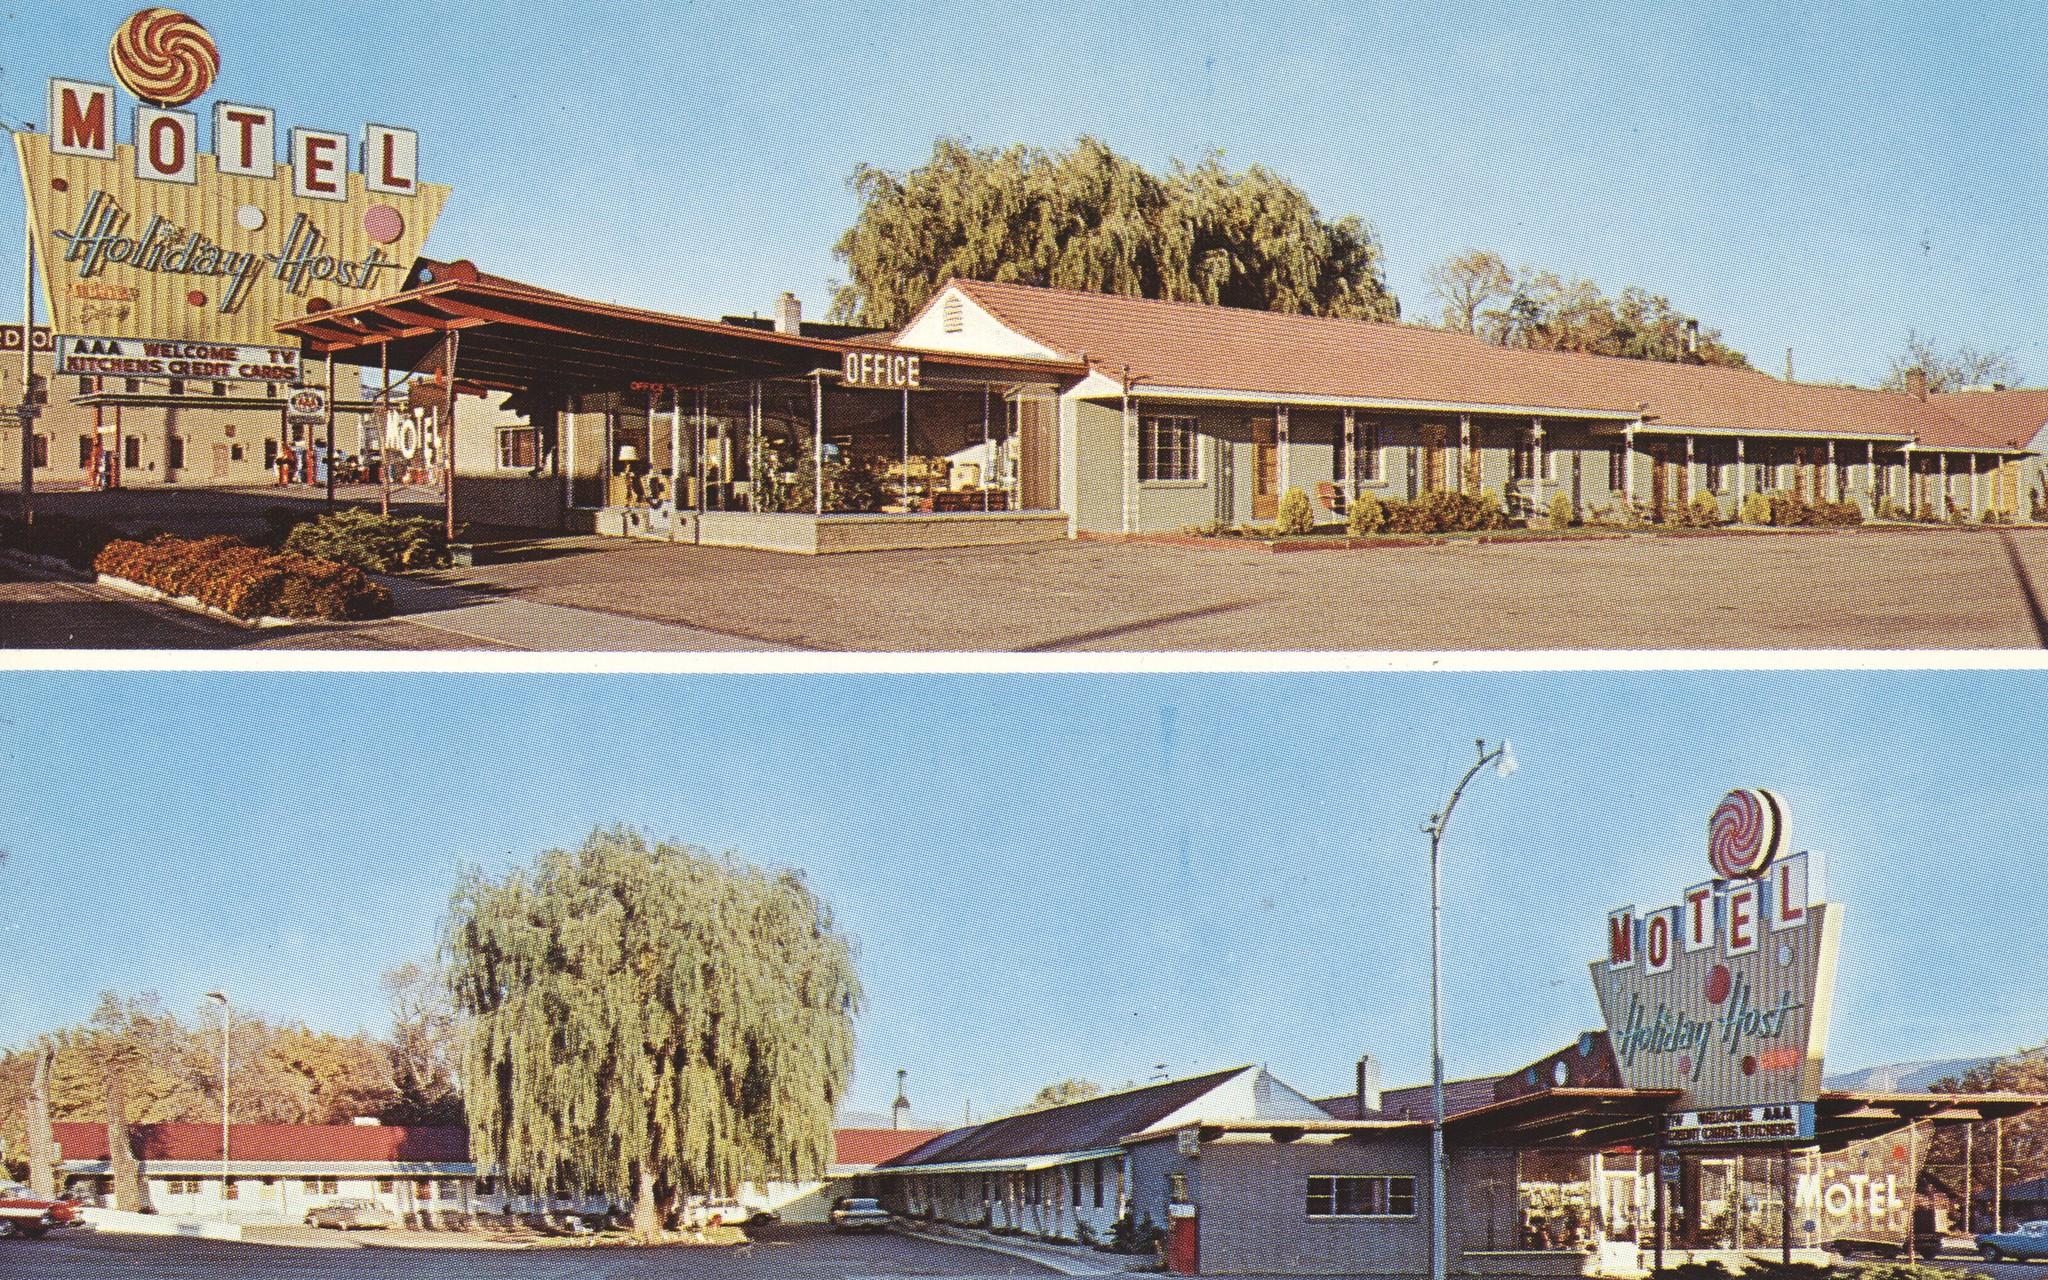 Motel Holiday Host - Richfield, Utah